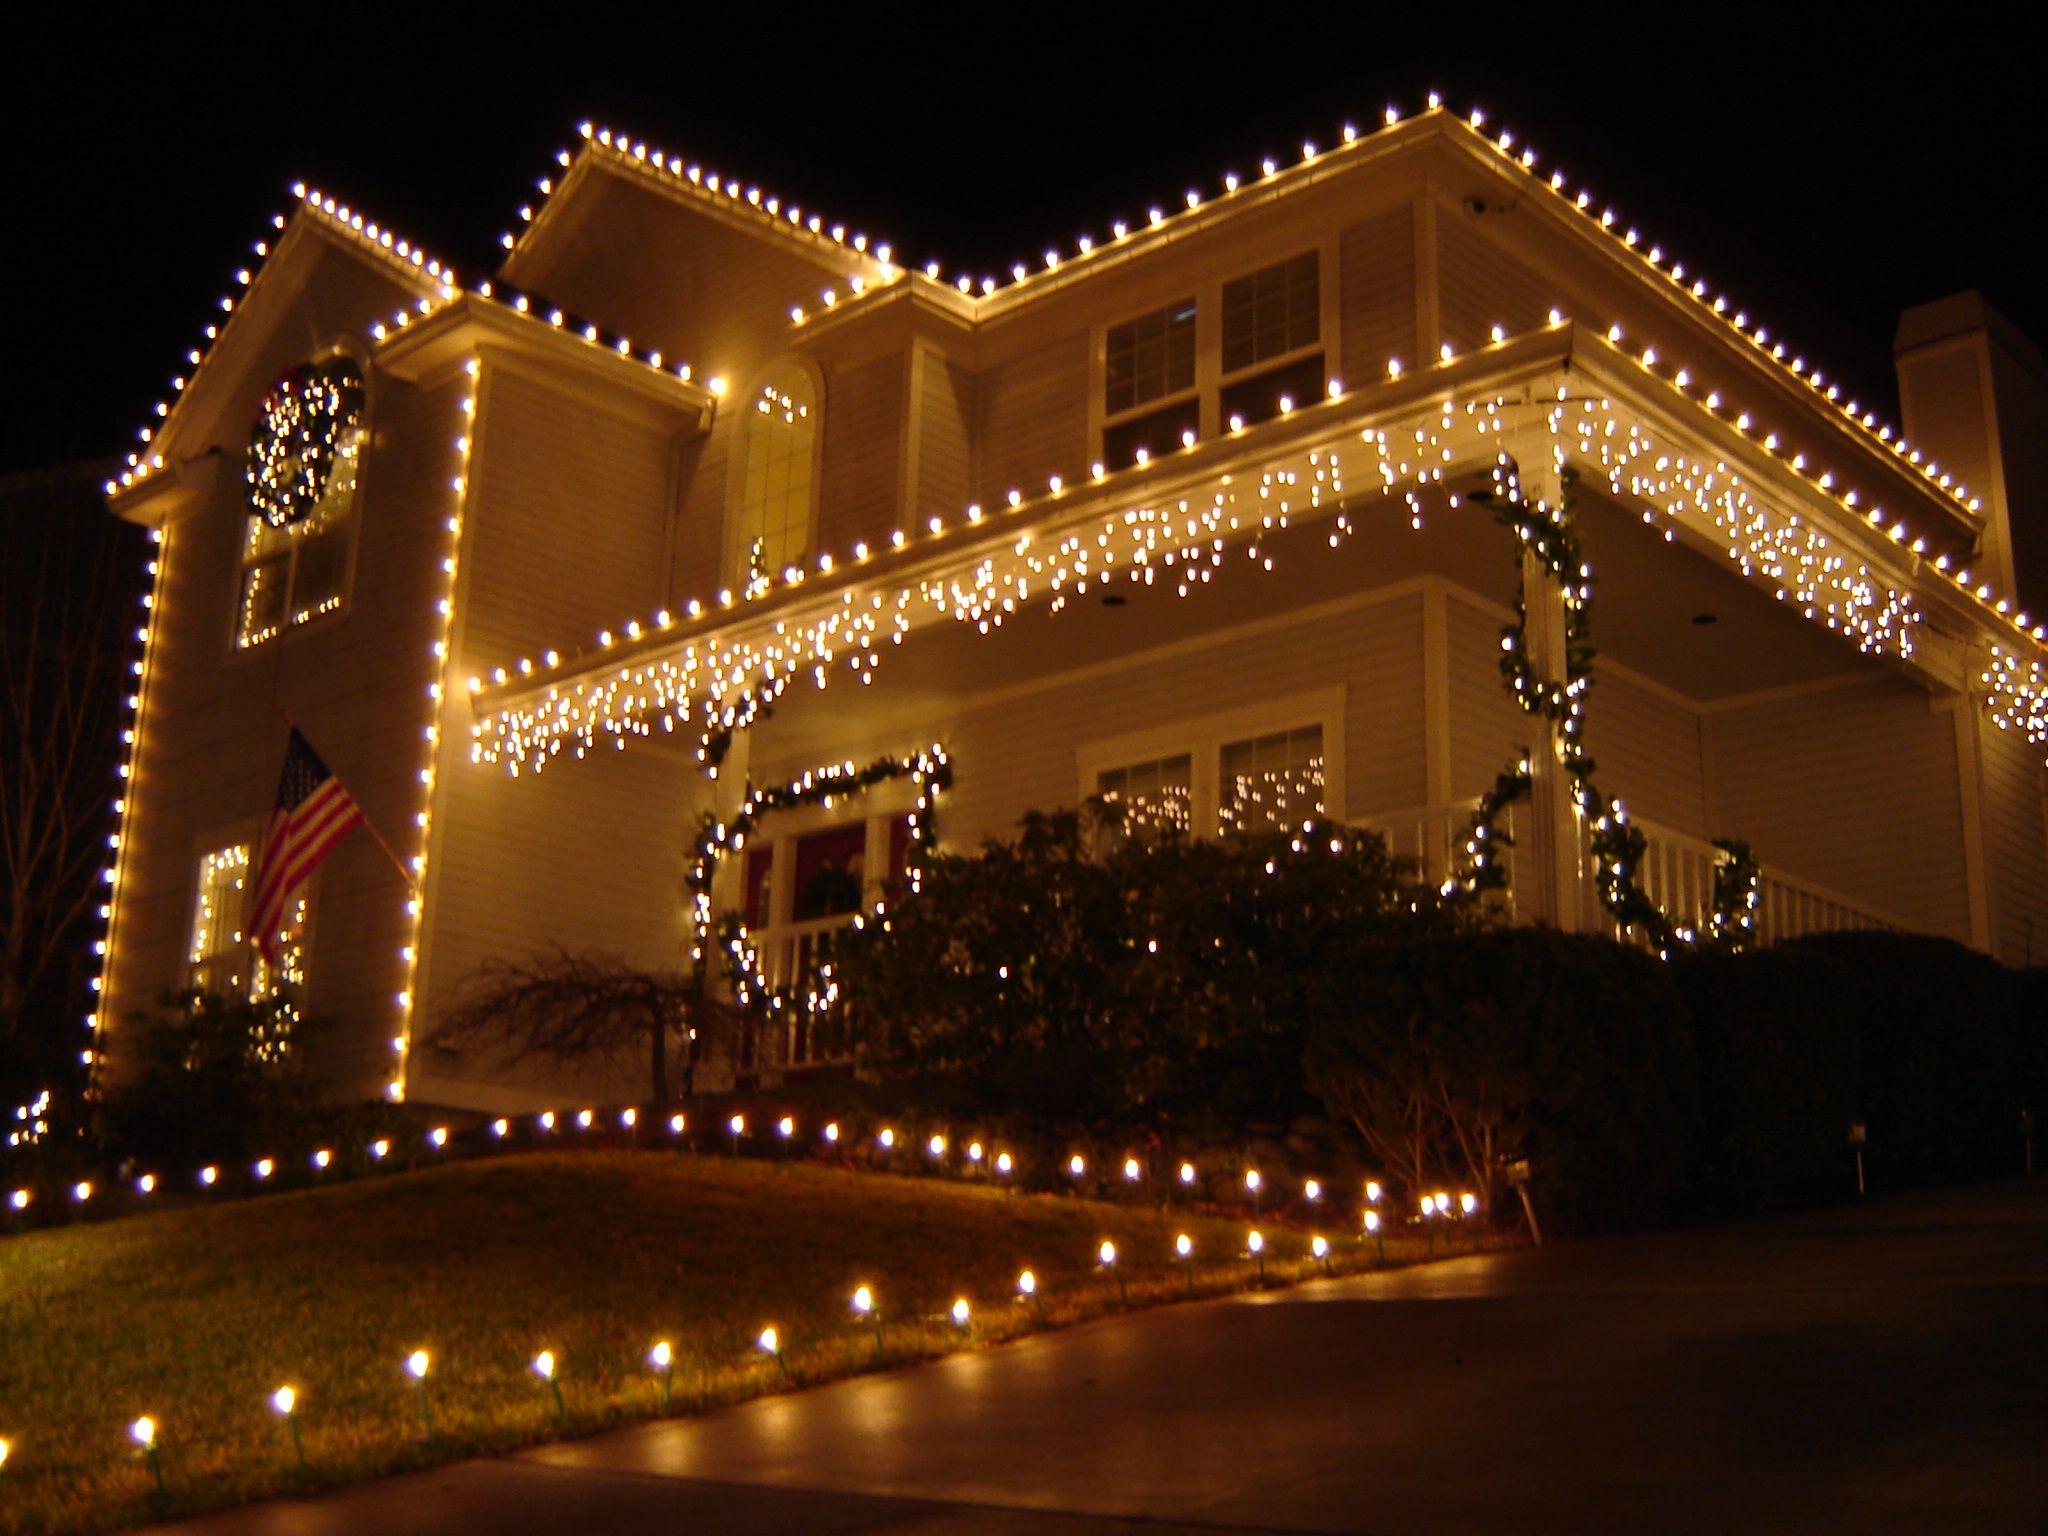 Christmas Home Decoration 5 Christmas House Lights Christmas Decorations For The Home Decorating With Christmas Lights